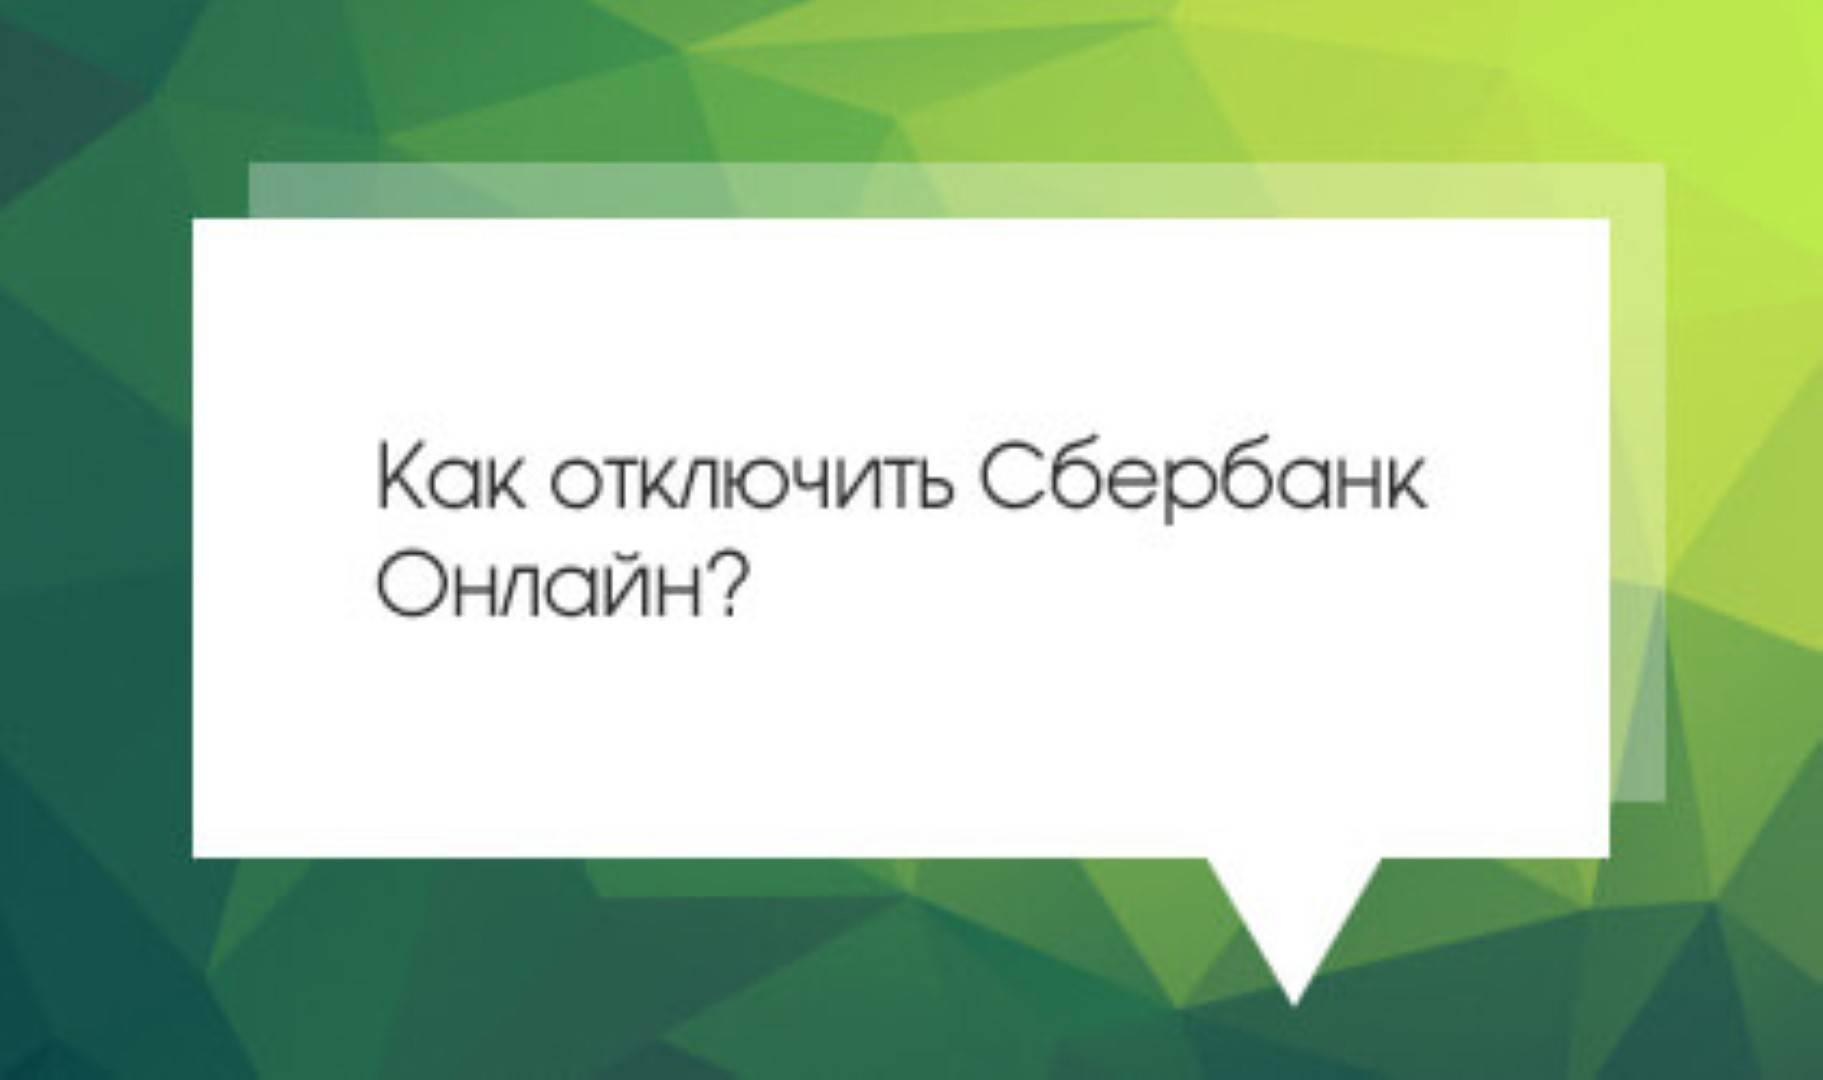 Kak-otklyuchit-Sberbank-Onlayn.jpg